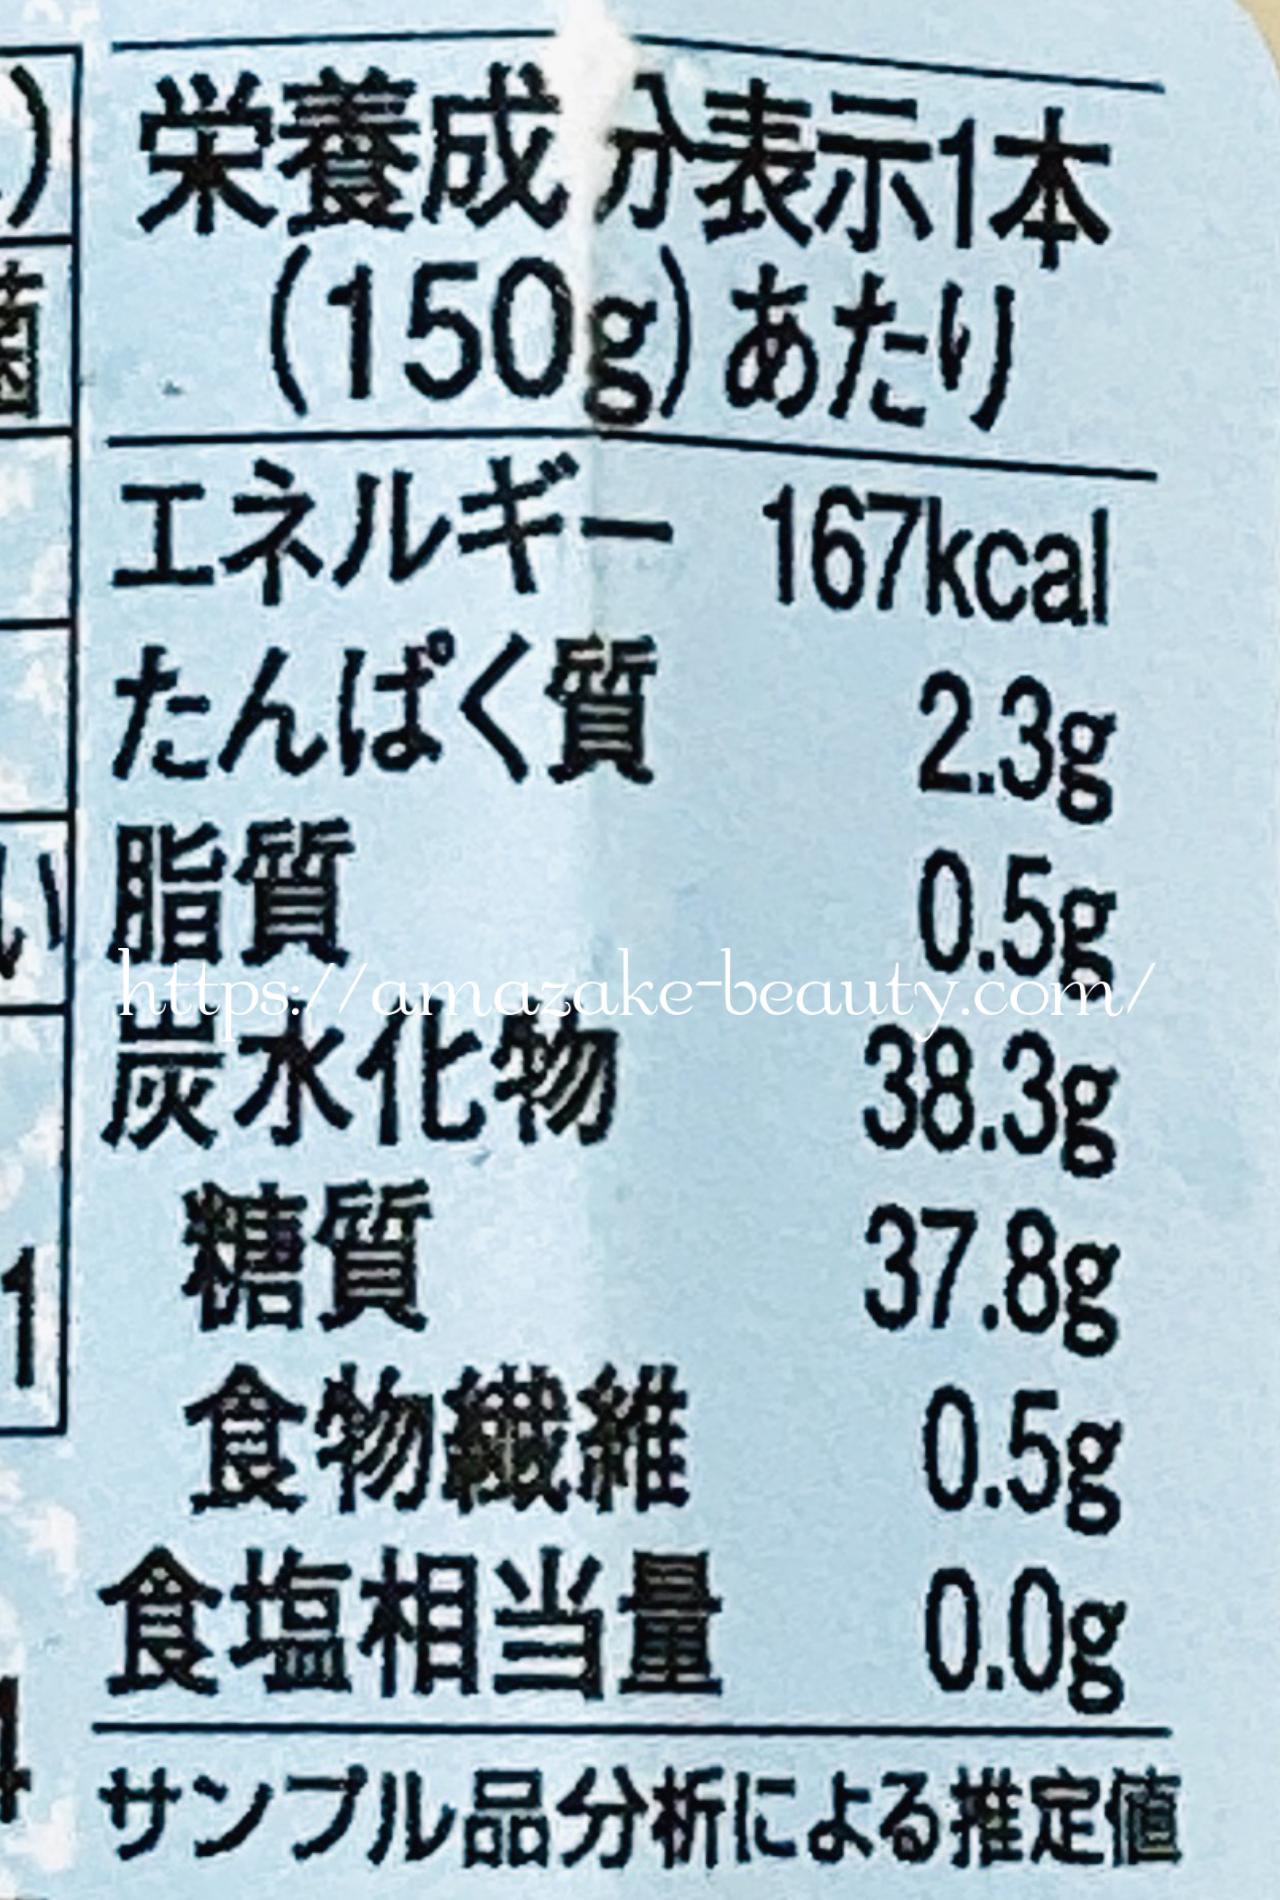 [amazake]maru[hokkori amazake monogatari(puren)](nutrition information)